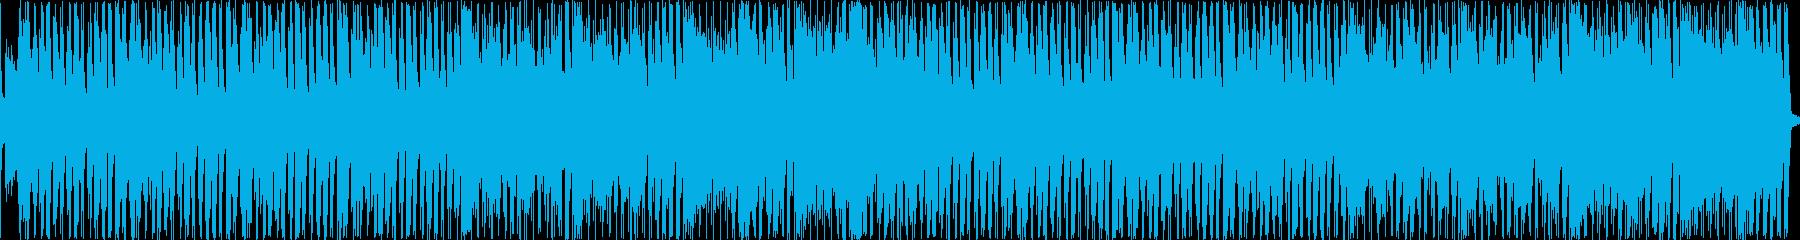 Cartoon 楽しげ 希望的 フ...の再生済みの波形